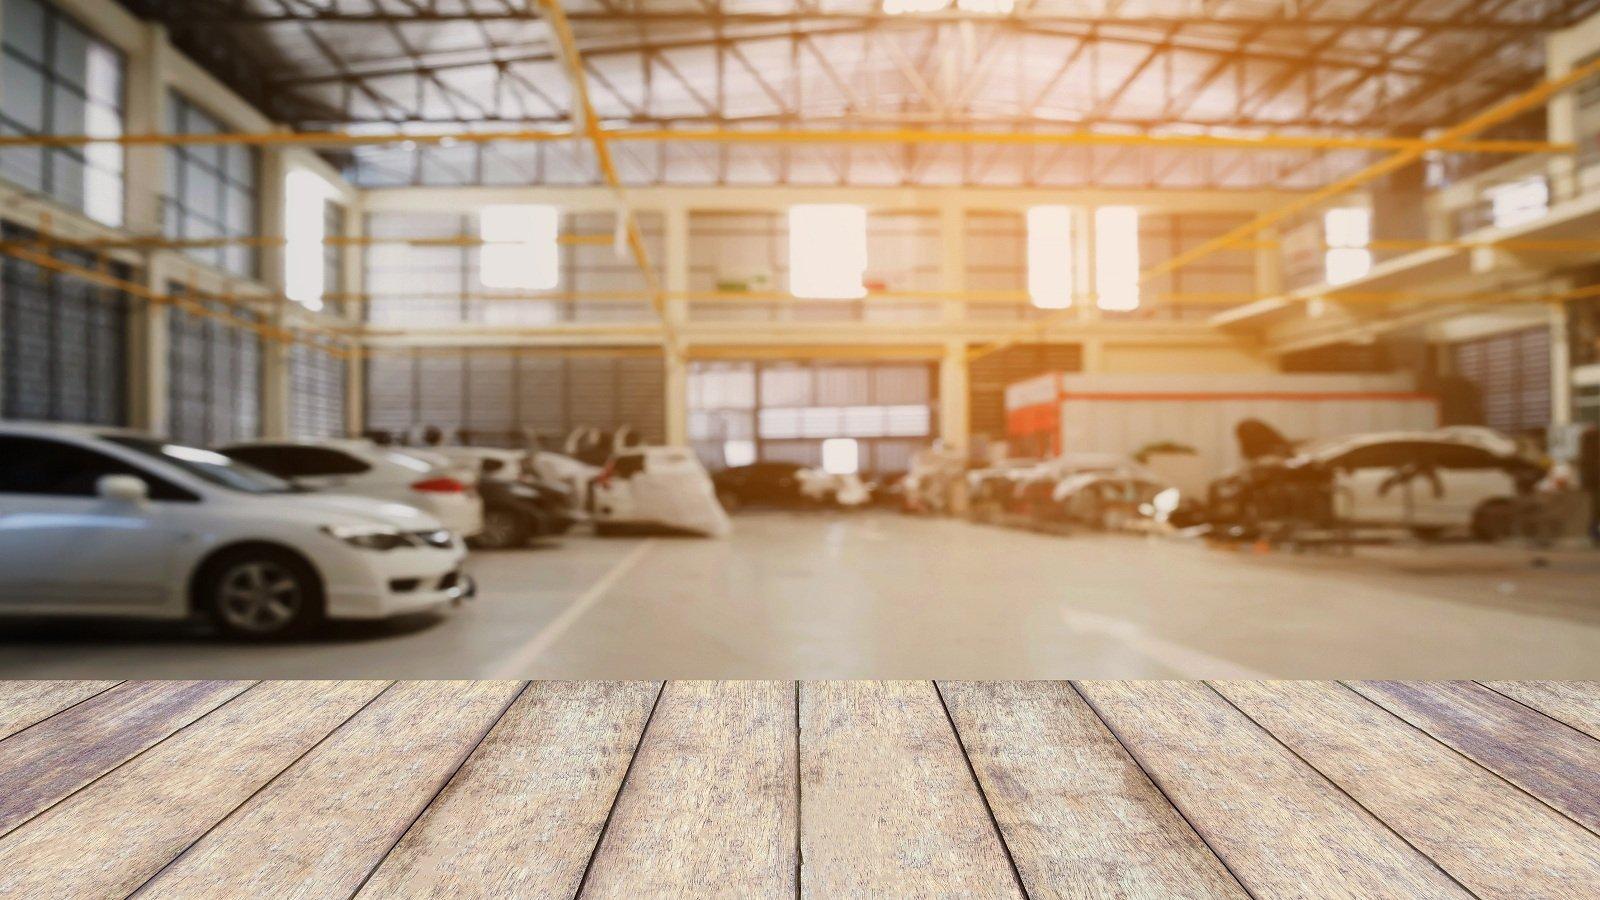 Centro di riparazione auto con piano tavolo in legno